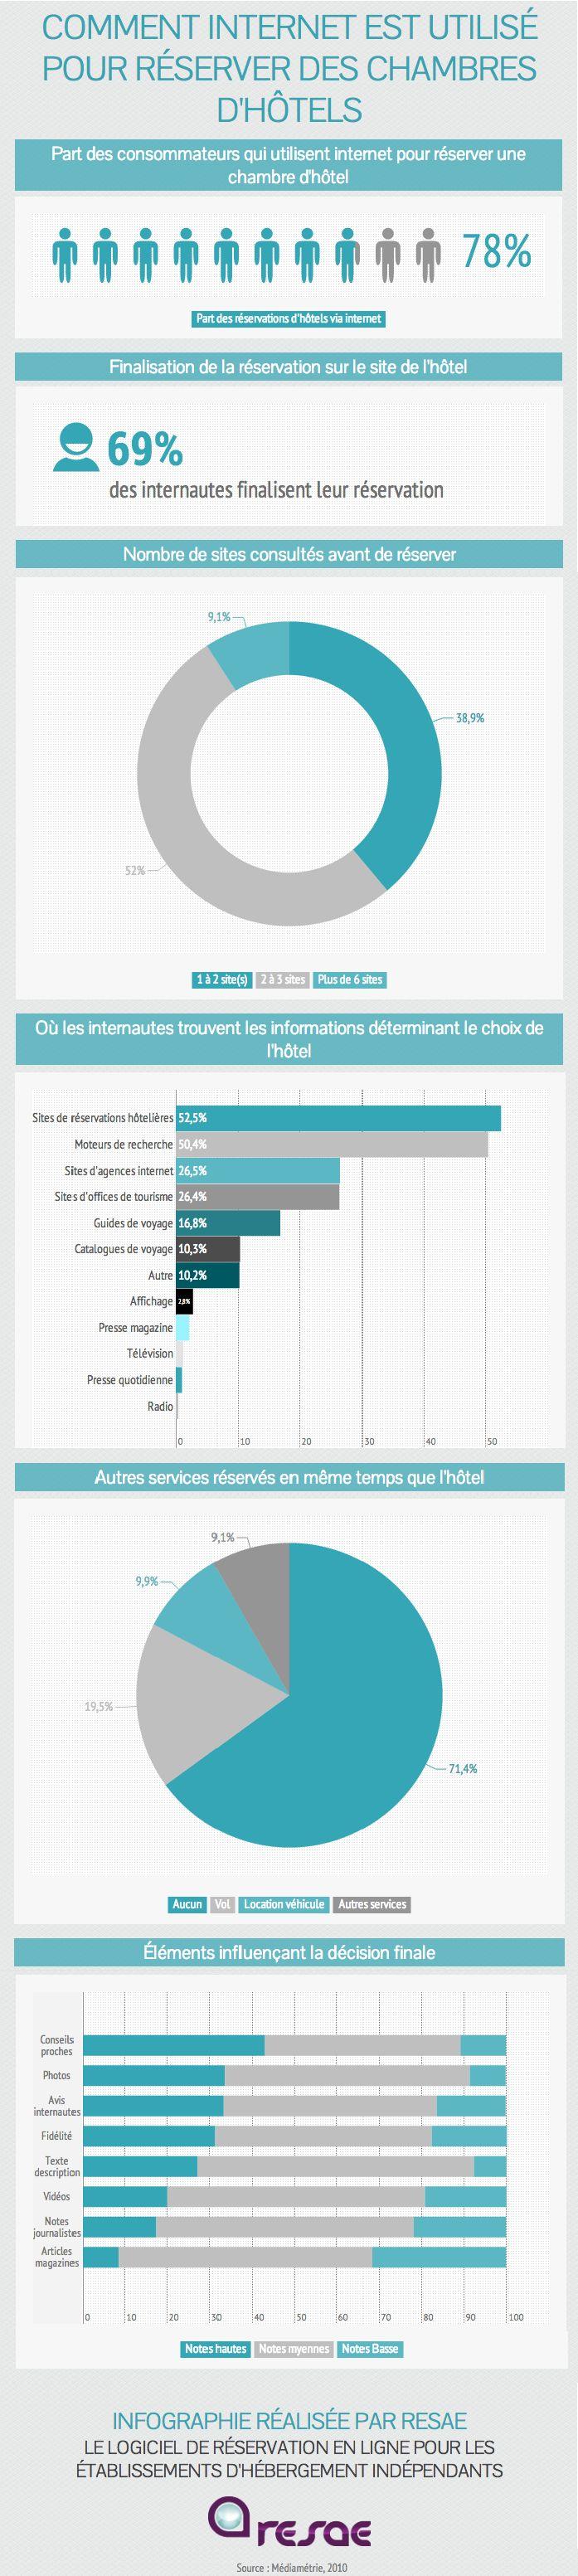 [Infographie] Comment internet est utilisé pour réserver des chambres d'hôtel ? #etourisme #infographie #reservation #hotel